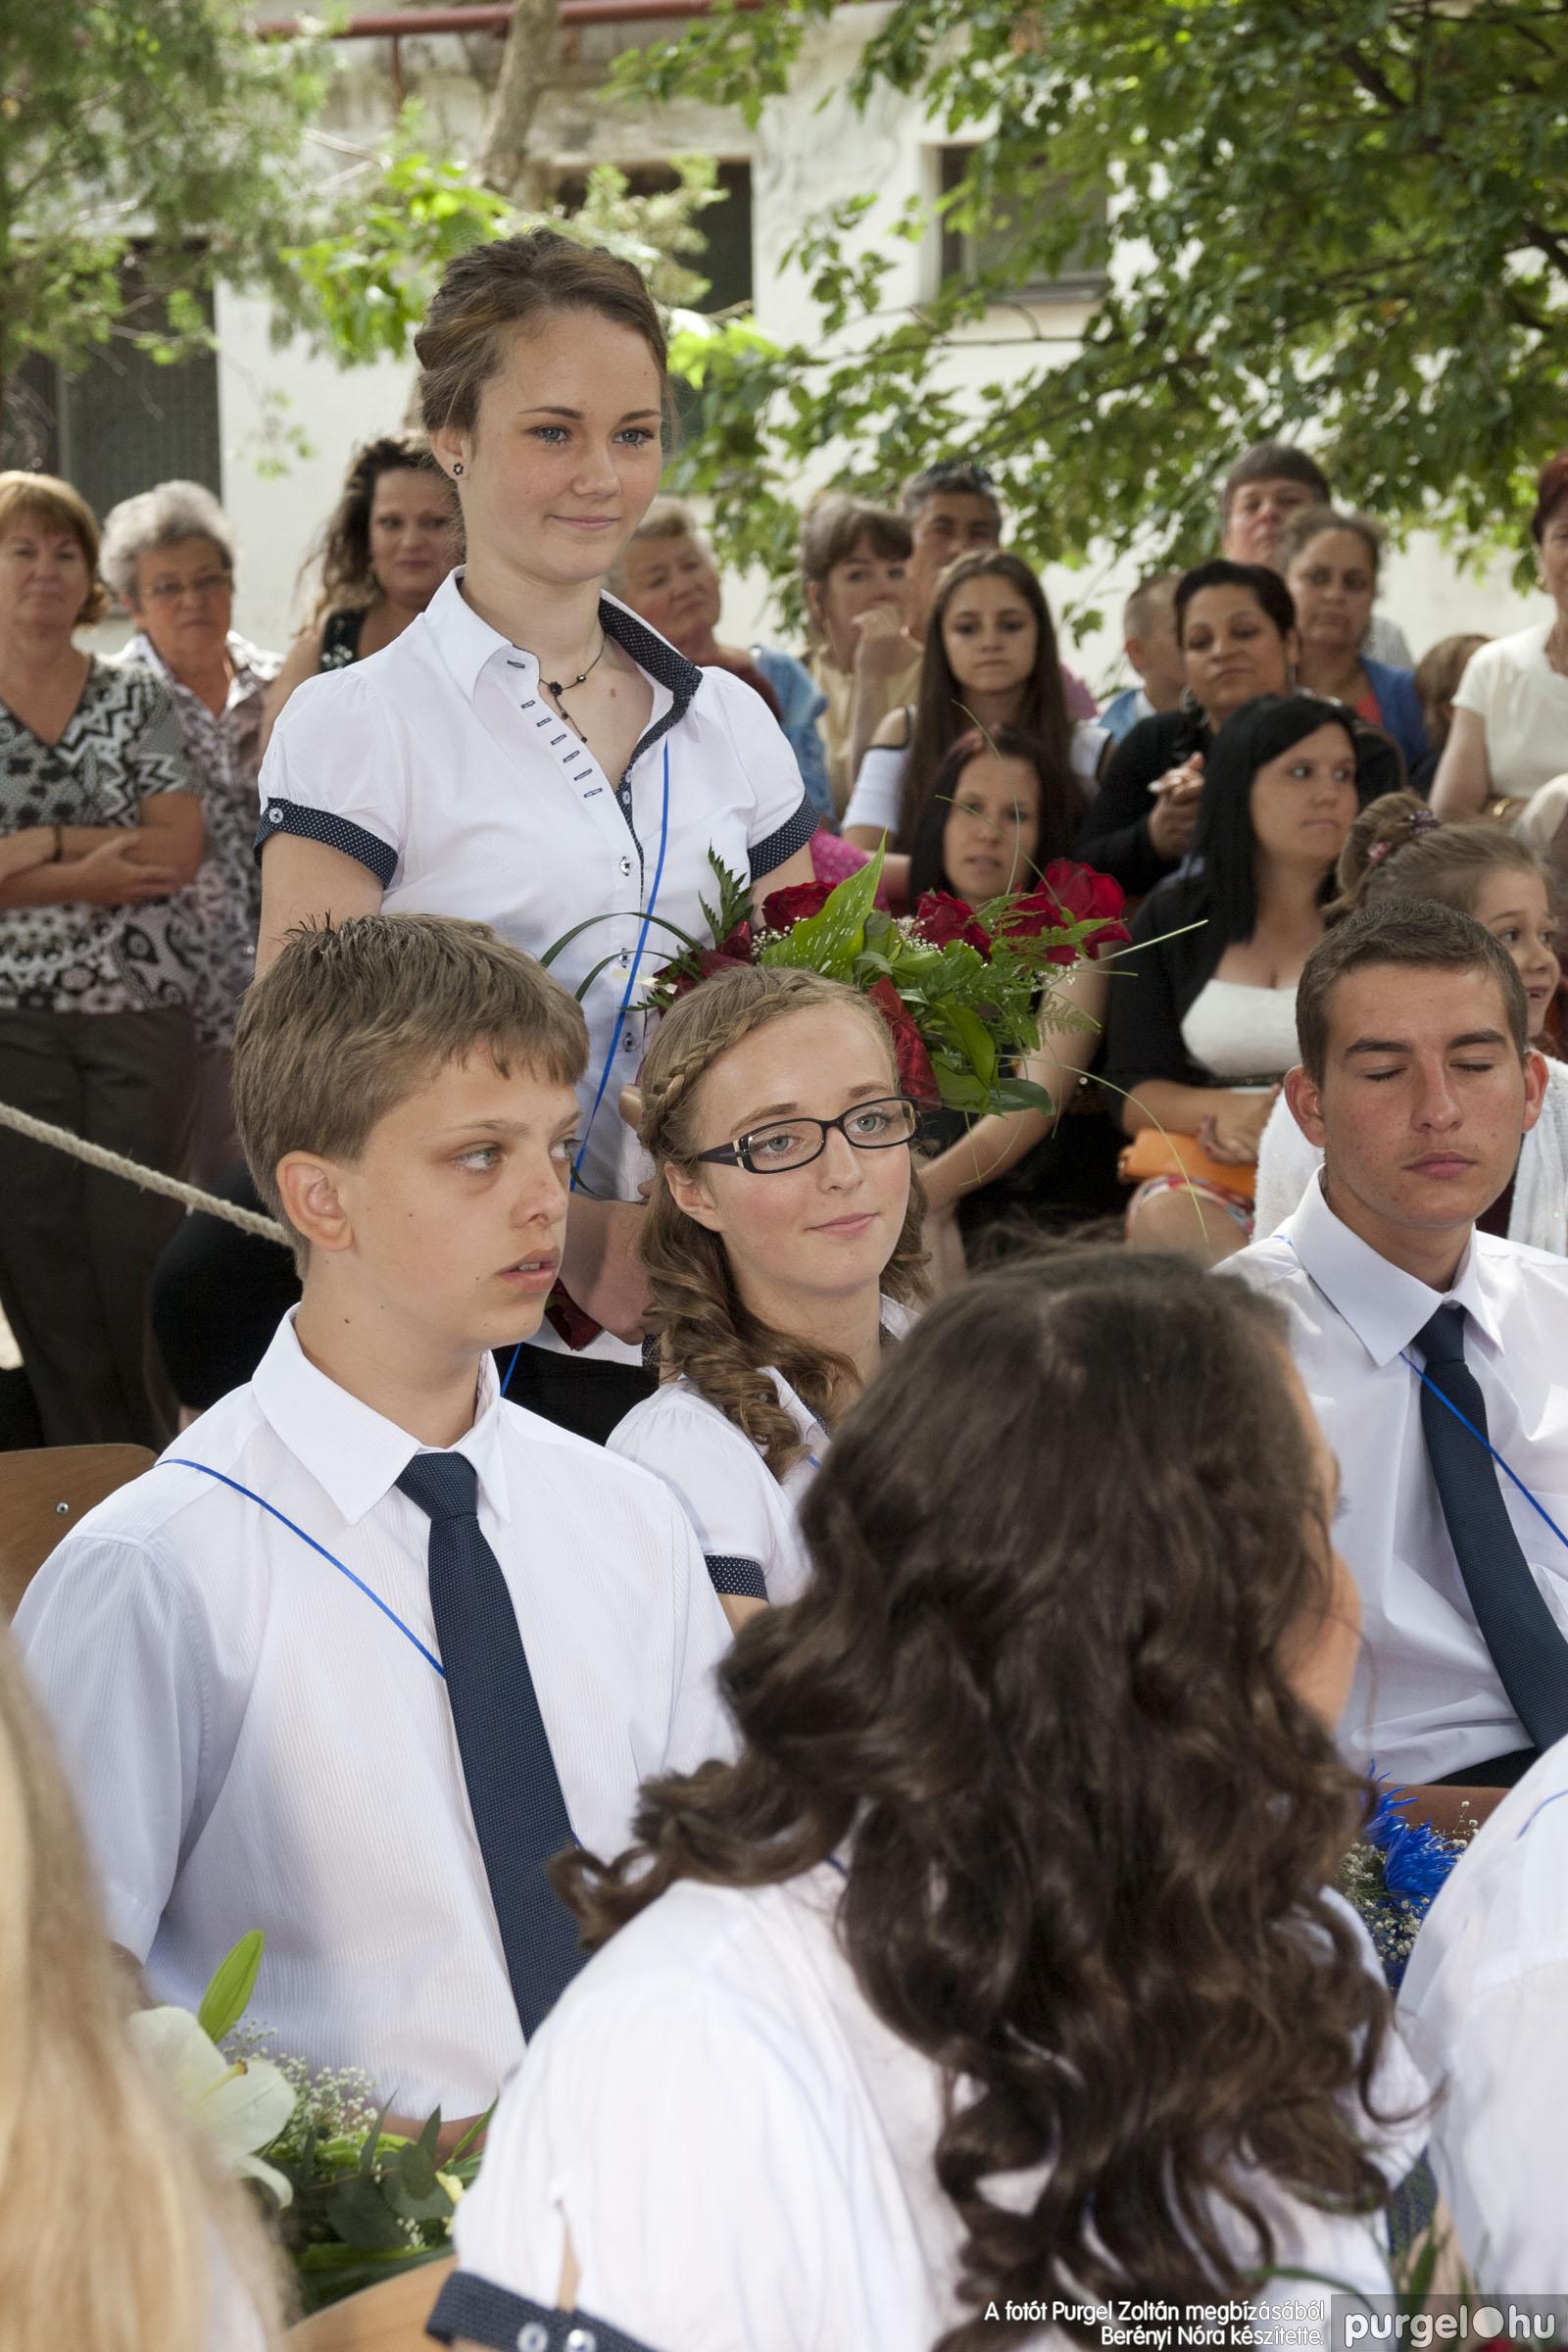 2014.06.14. 234 Forray Máté Általános Iskola ballagás 2014. - Fotó:BERÉNYI NÓRA© _MG_5890.jpg